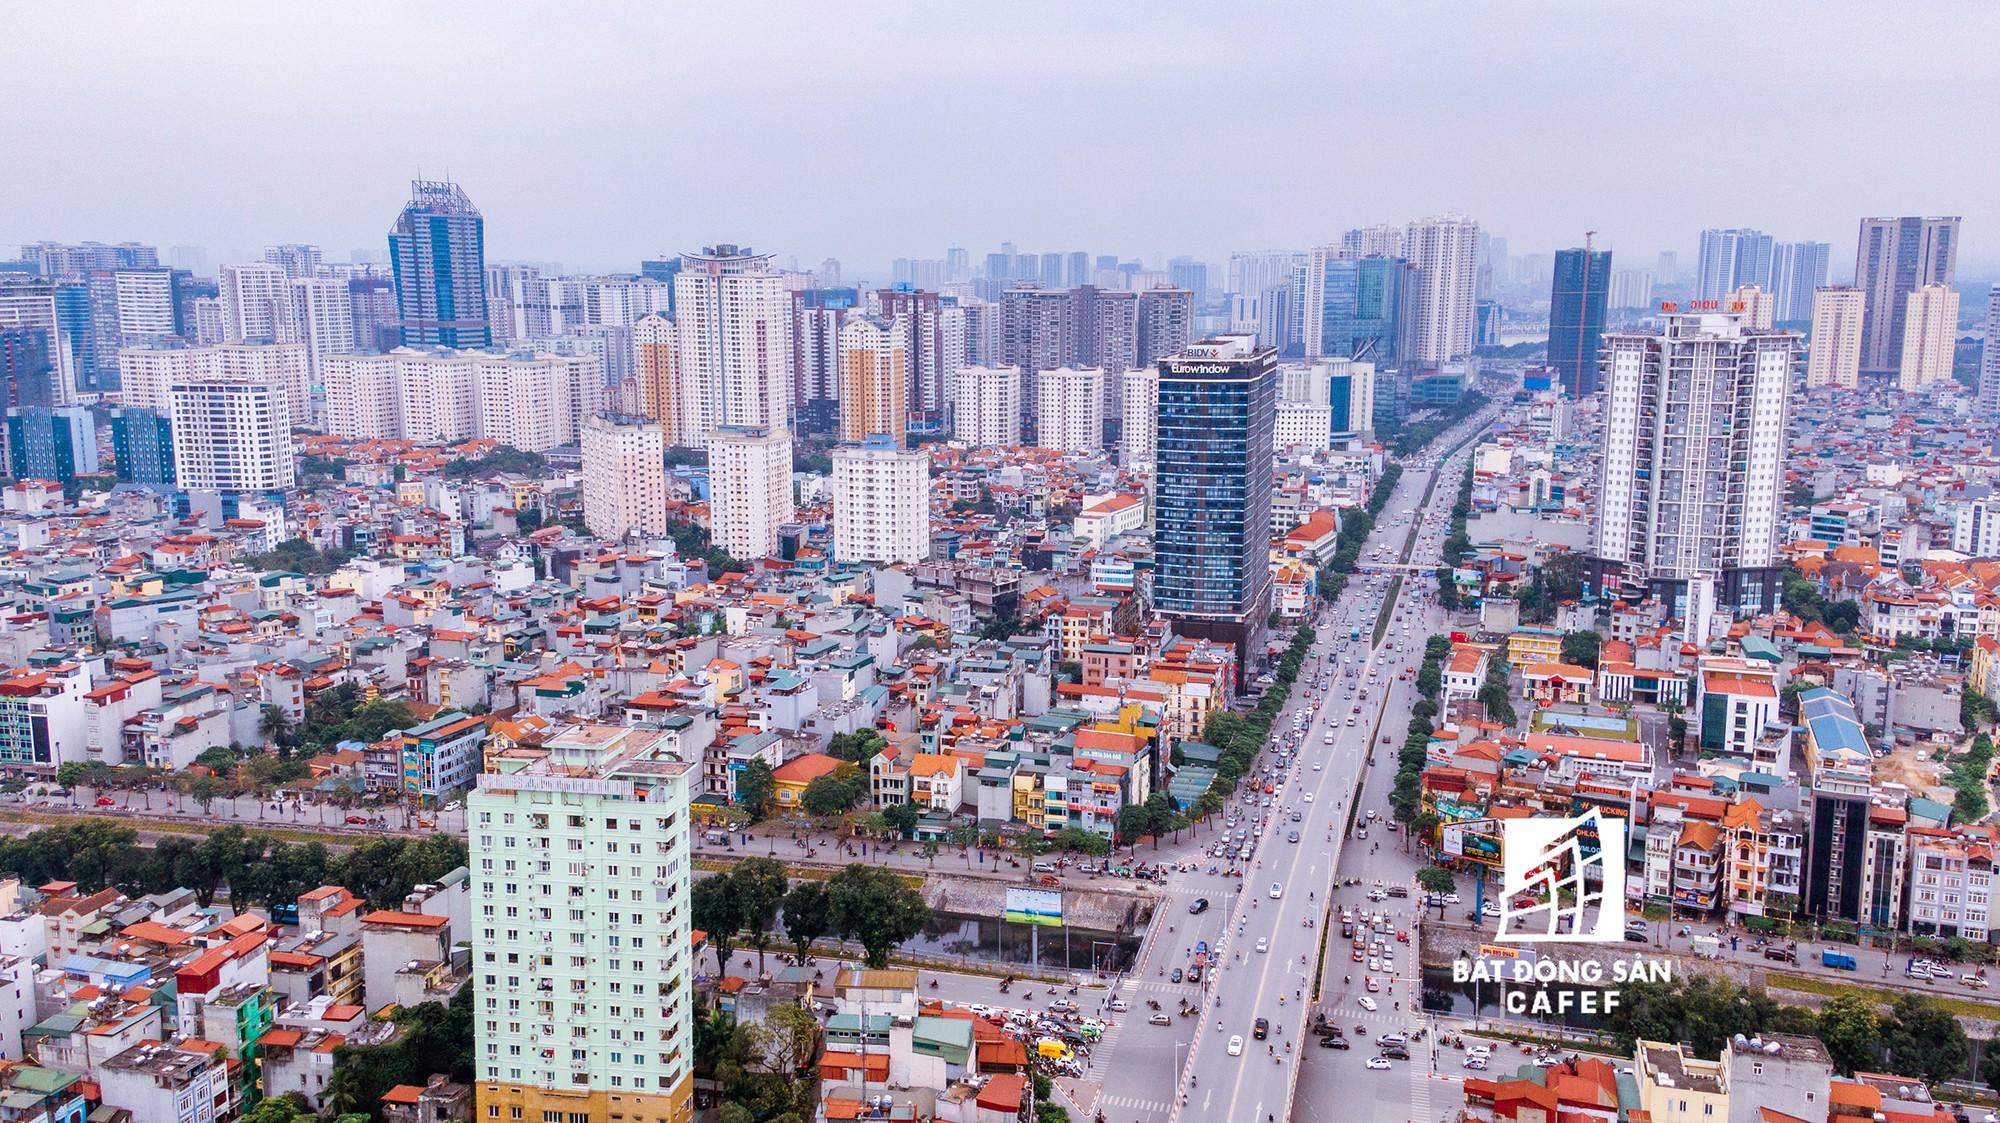 """Toàn cảnh """"rừng"""" cao ốc đang bóp nghẹt khu đô thị kiểu mẫu bậc nhất Hà Nội - Ảnh 14."""